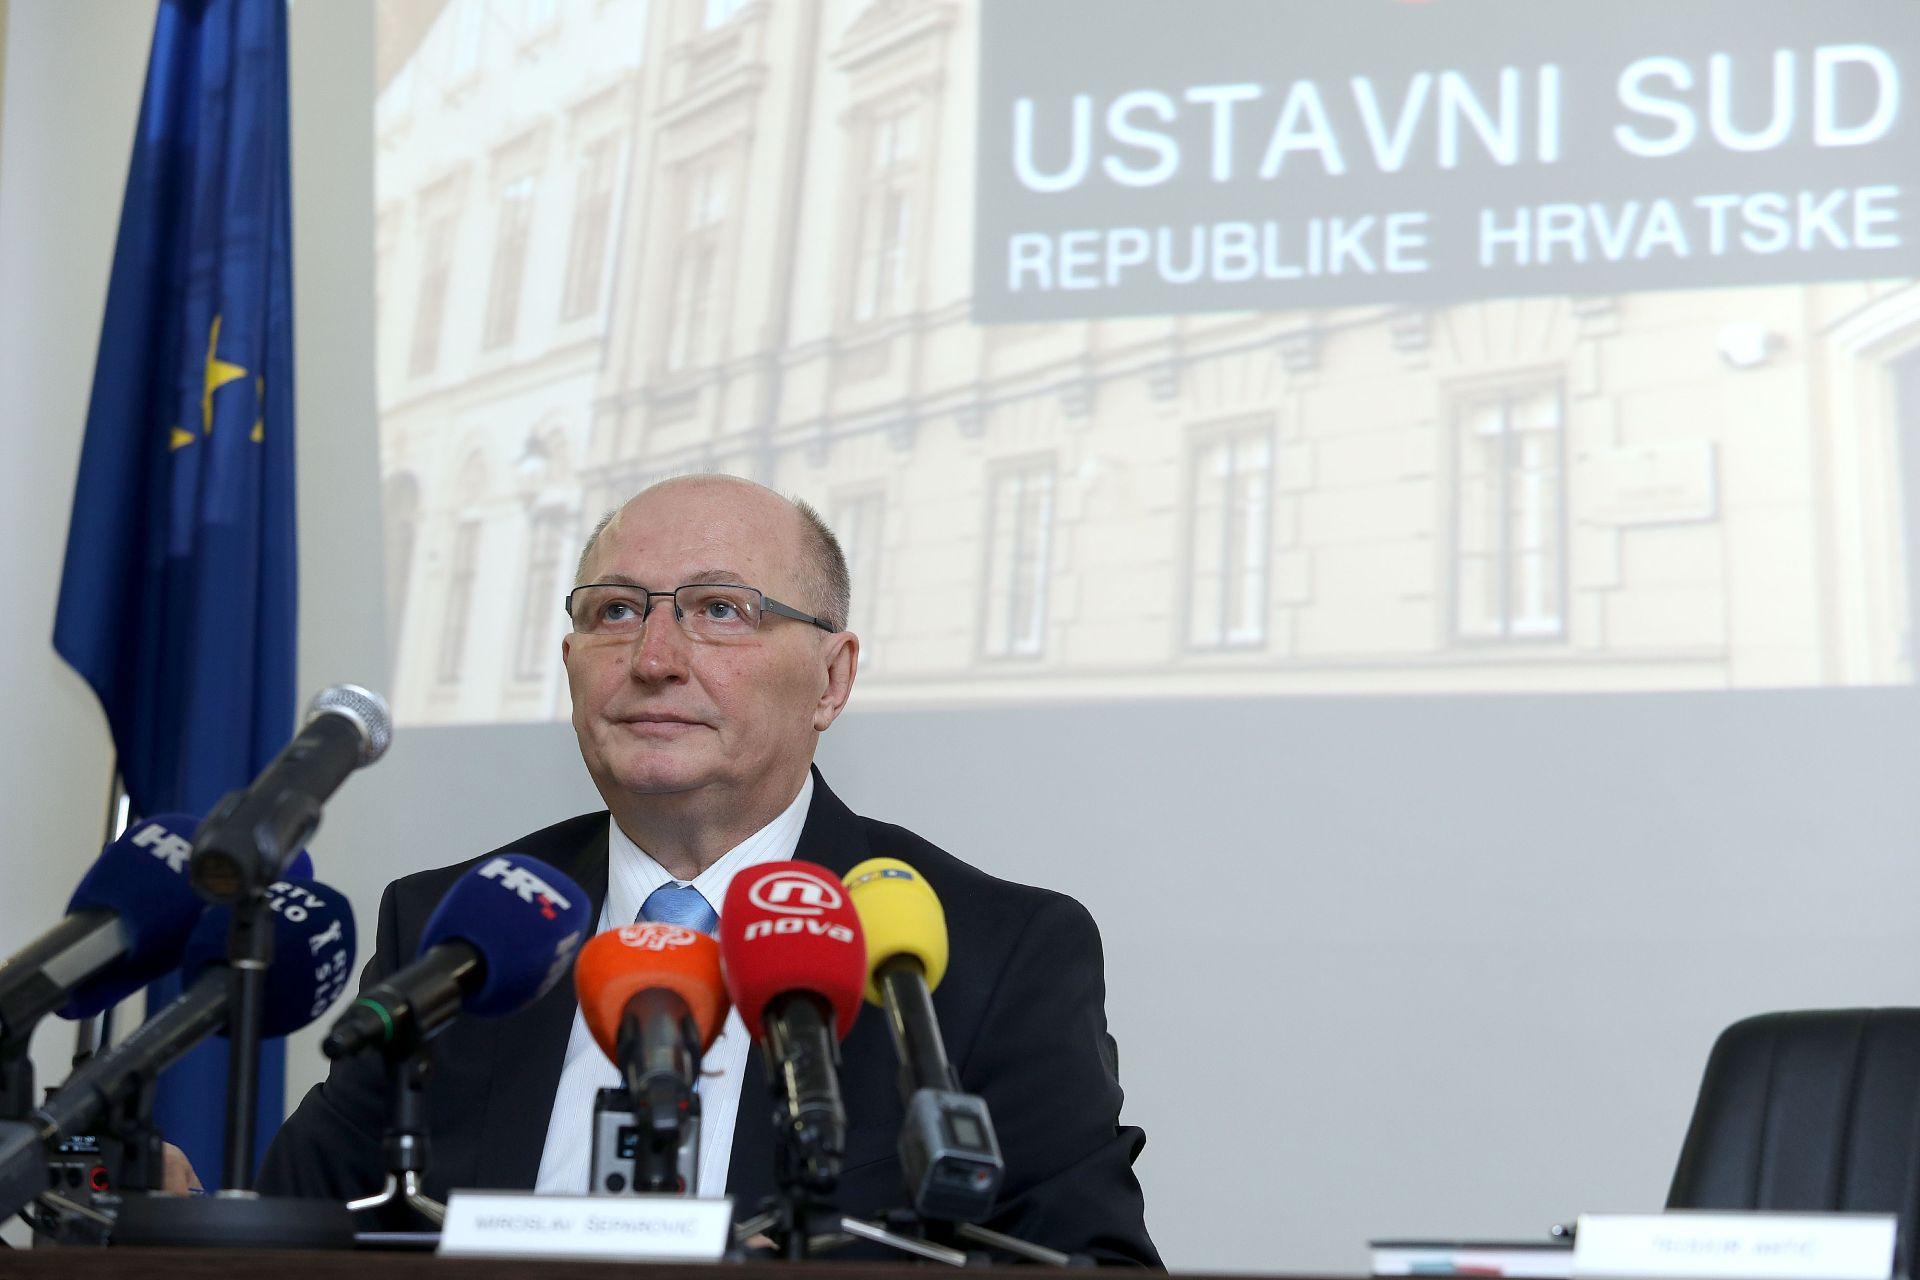 Odbor potvrdio: Šeparović djelomično plagirao doktorsku disertaciju